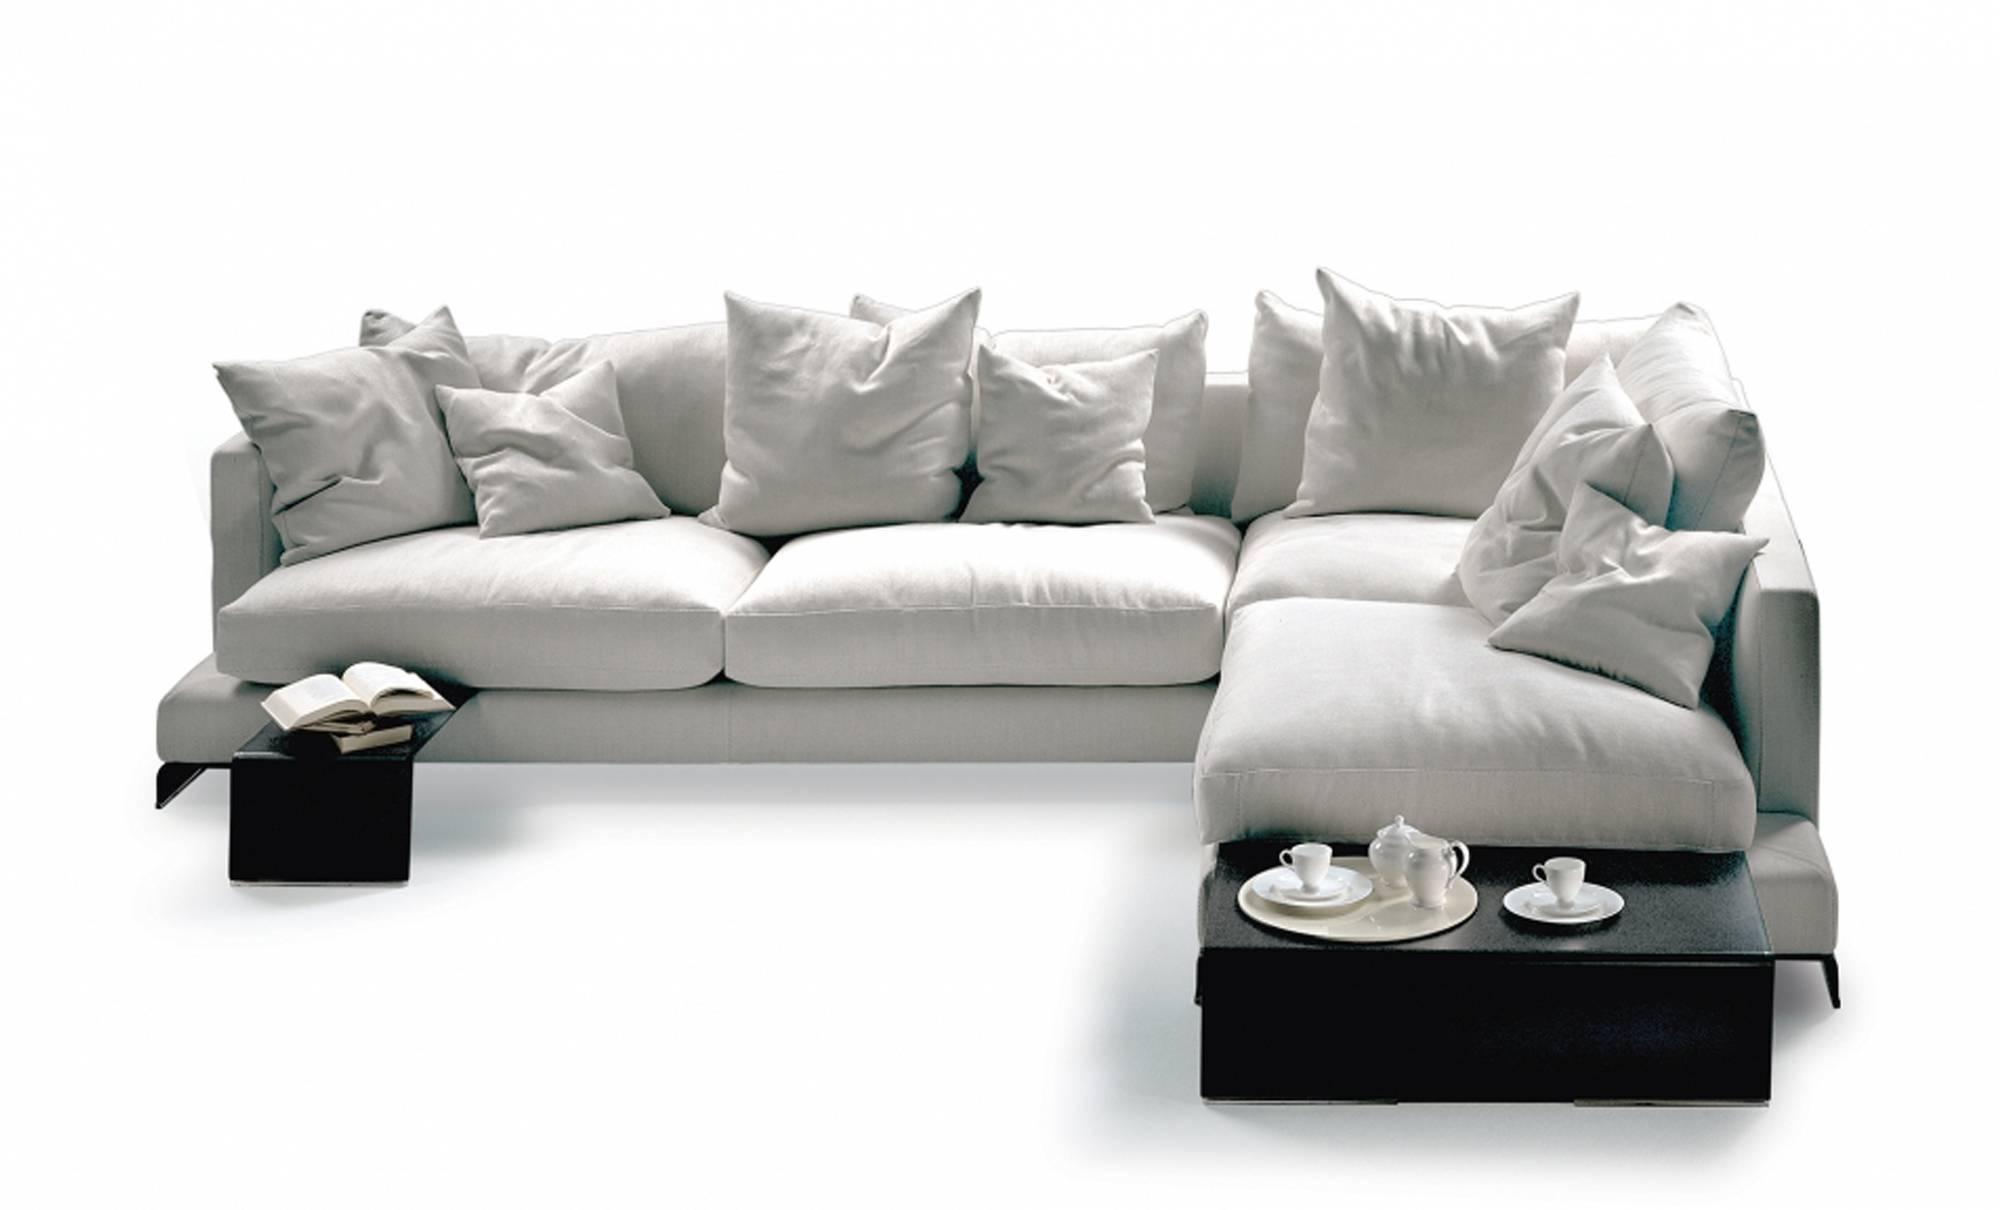 Long Island - Sofas - Fanuli Furniture pertaining to Modular Sofas (Image 6 of 15)